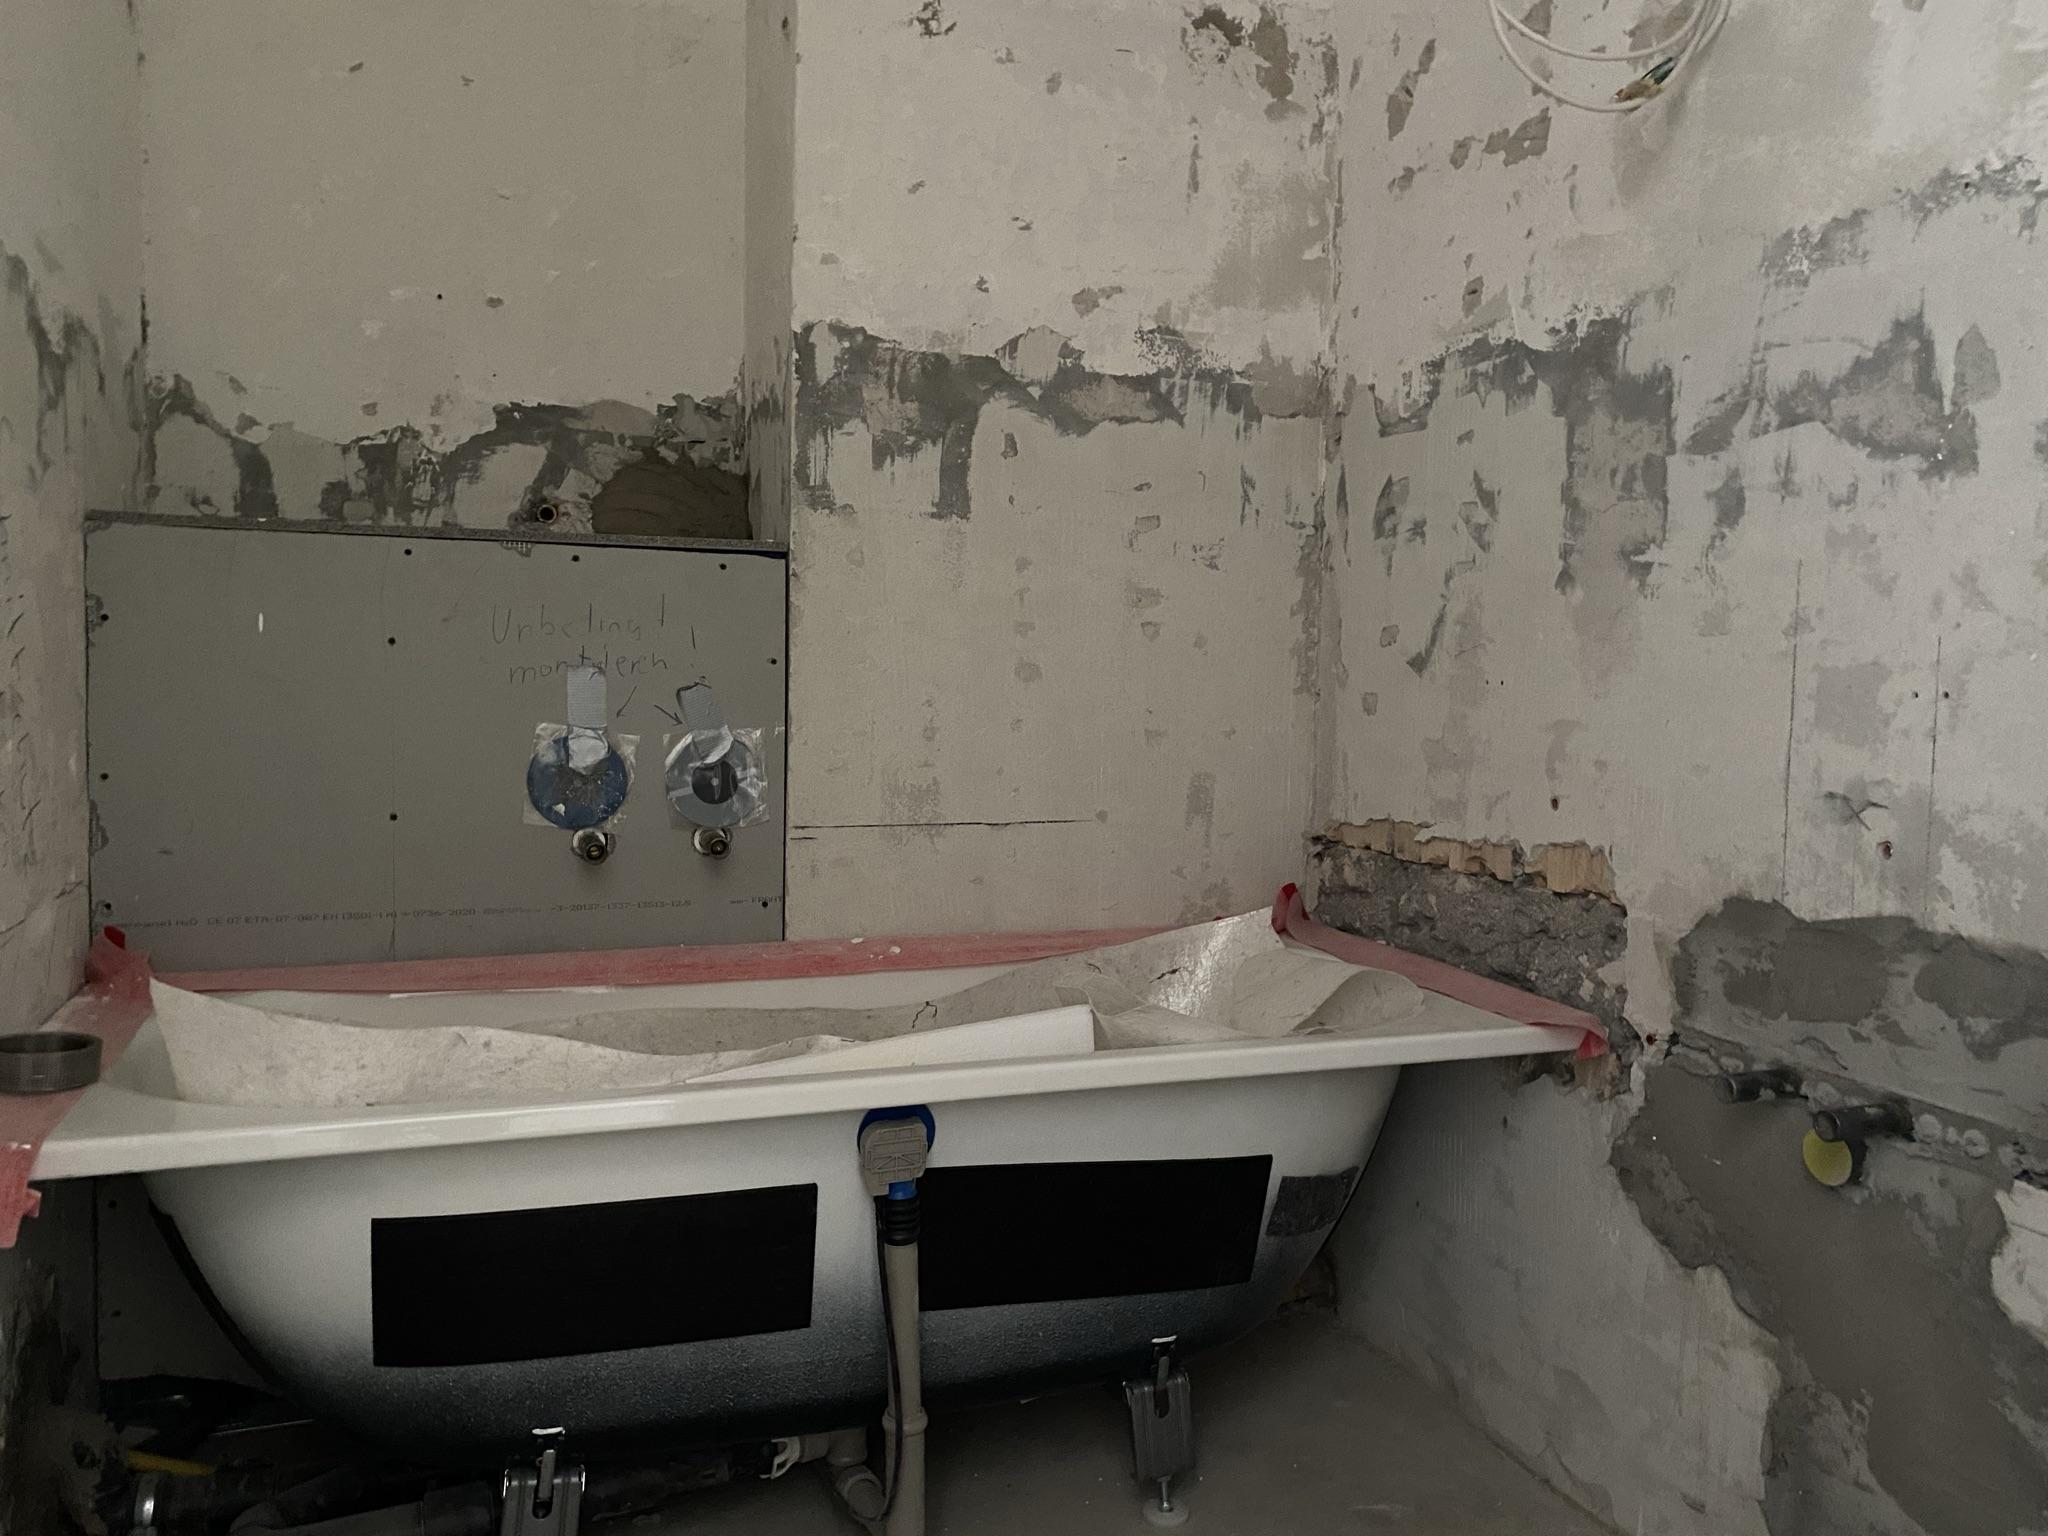 anstelle der Dusche wird eine Badewanne eingebaut